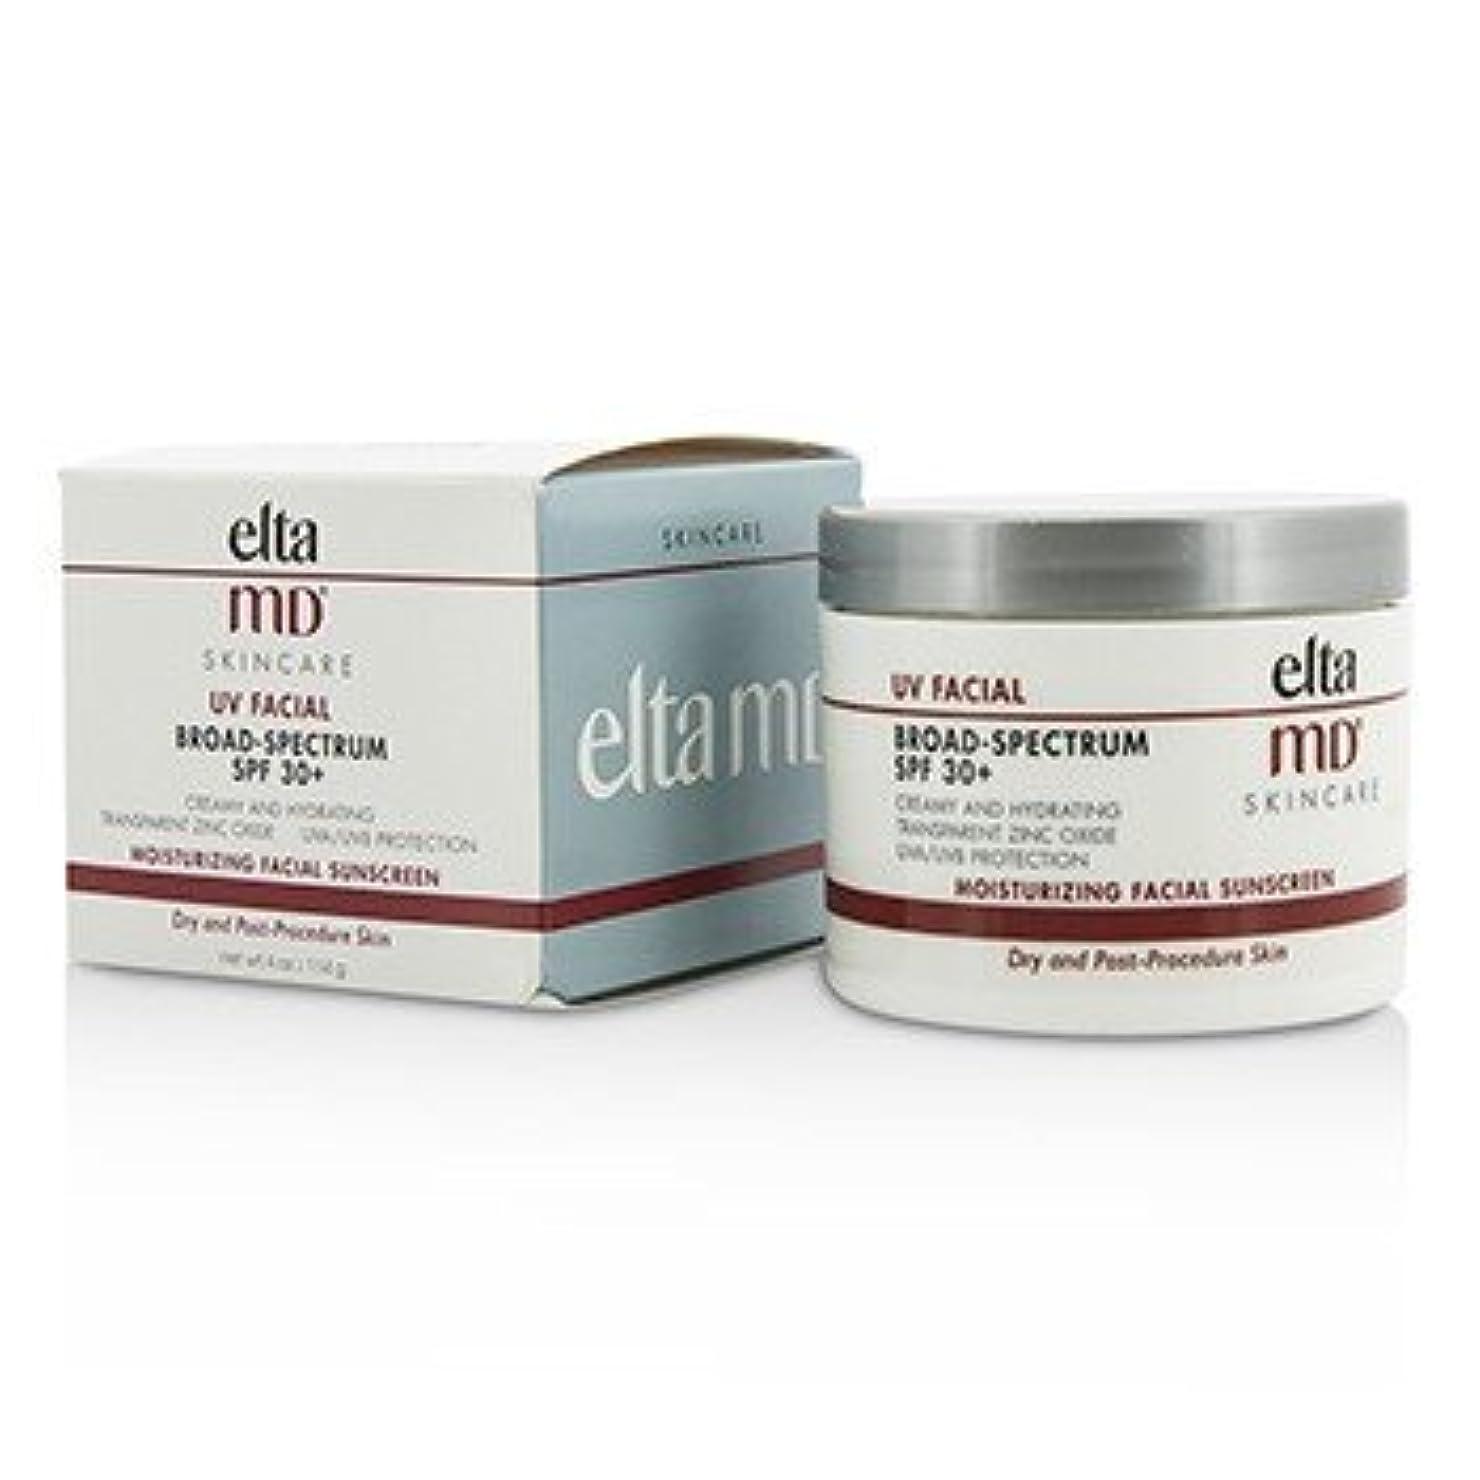 徒歩でかび臭い少数[EltaMD] UV Facial Moisturizing Facial Sunscreen SPF 30 - For Dry & Post Procedure Skin 114g/4oz